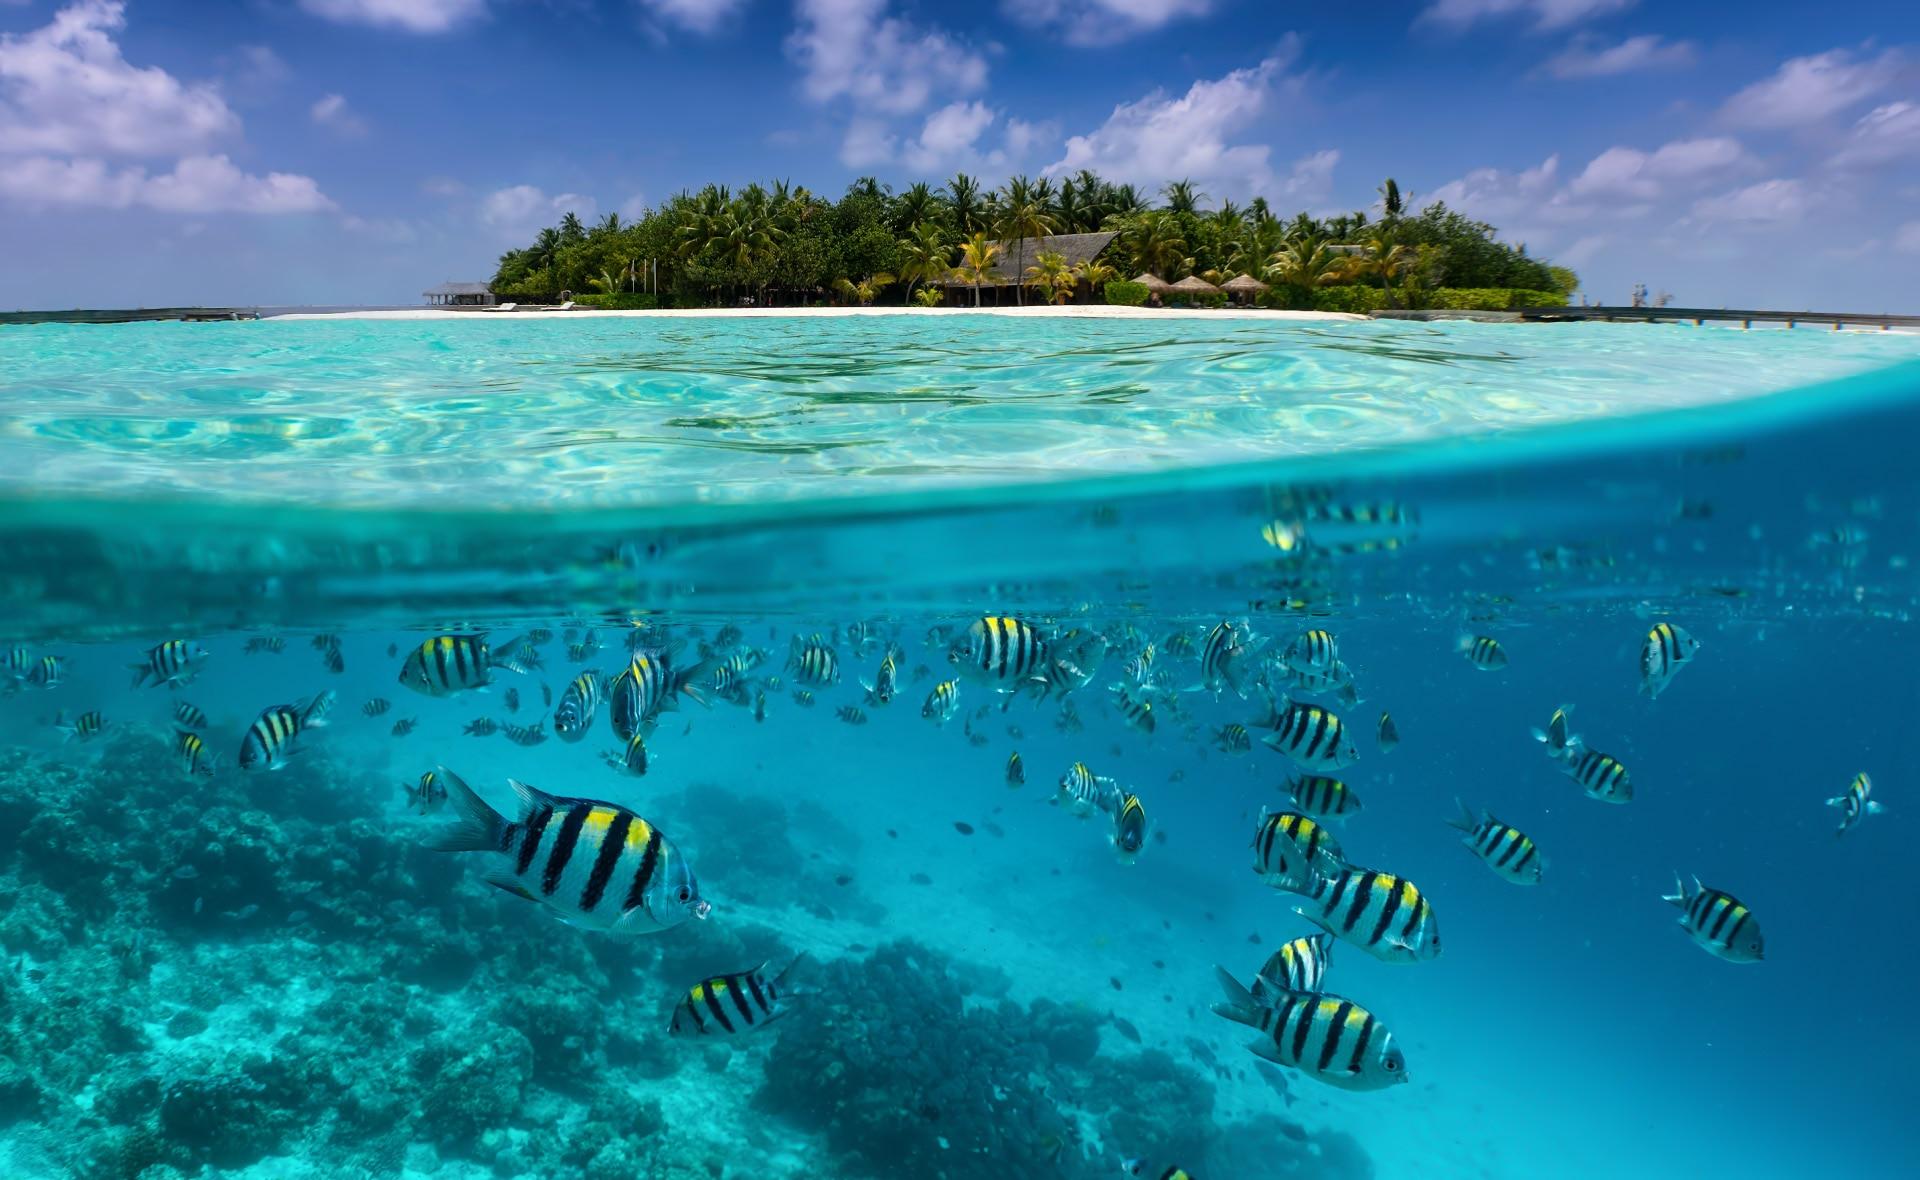 biodiversidad-podcast-conservacion-proteccion-medioambiente-planeta-cuidado-mar-peces-oceano-playa-turismo-viaje-